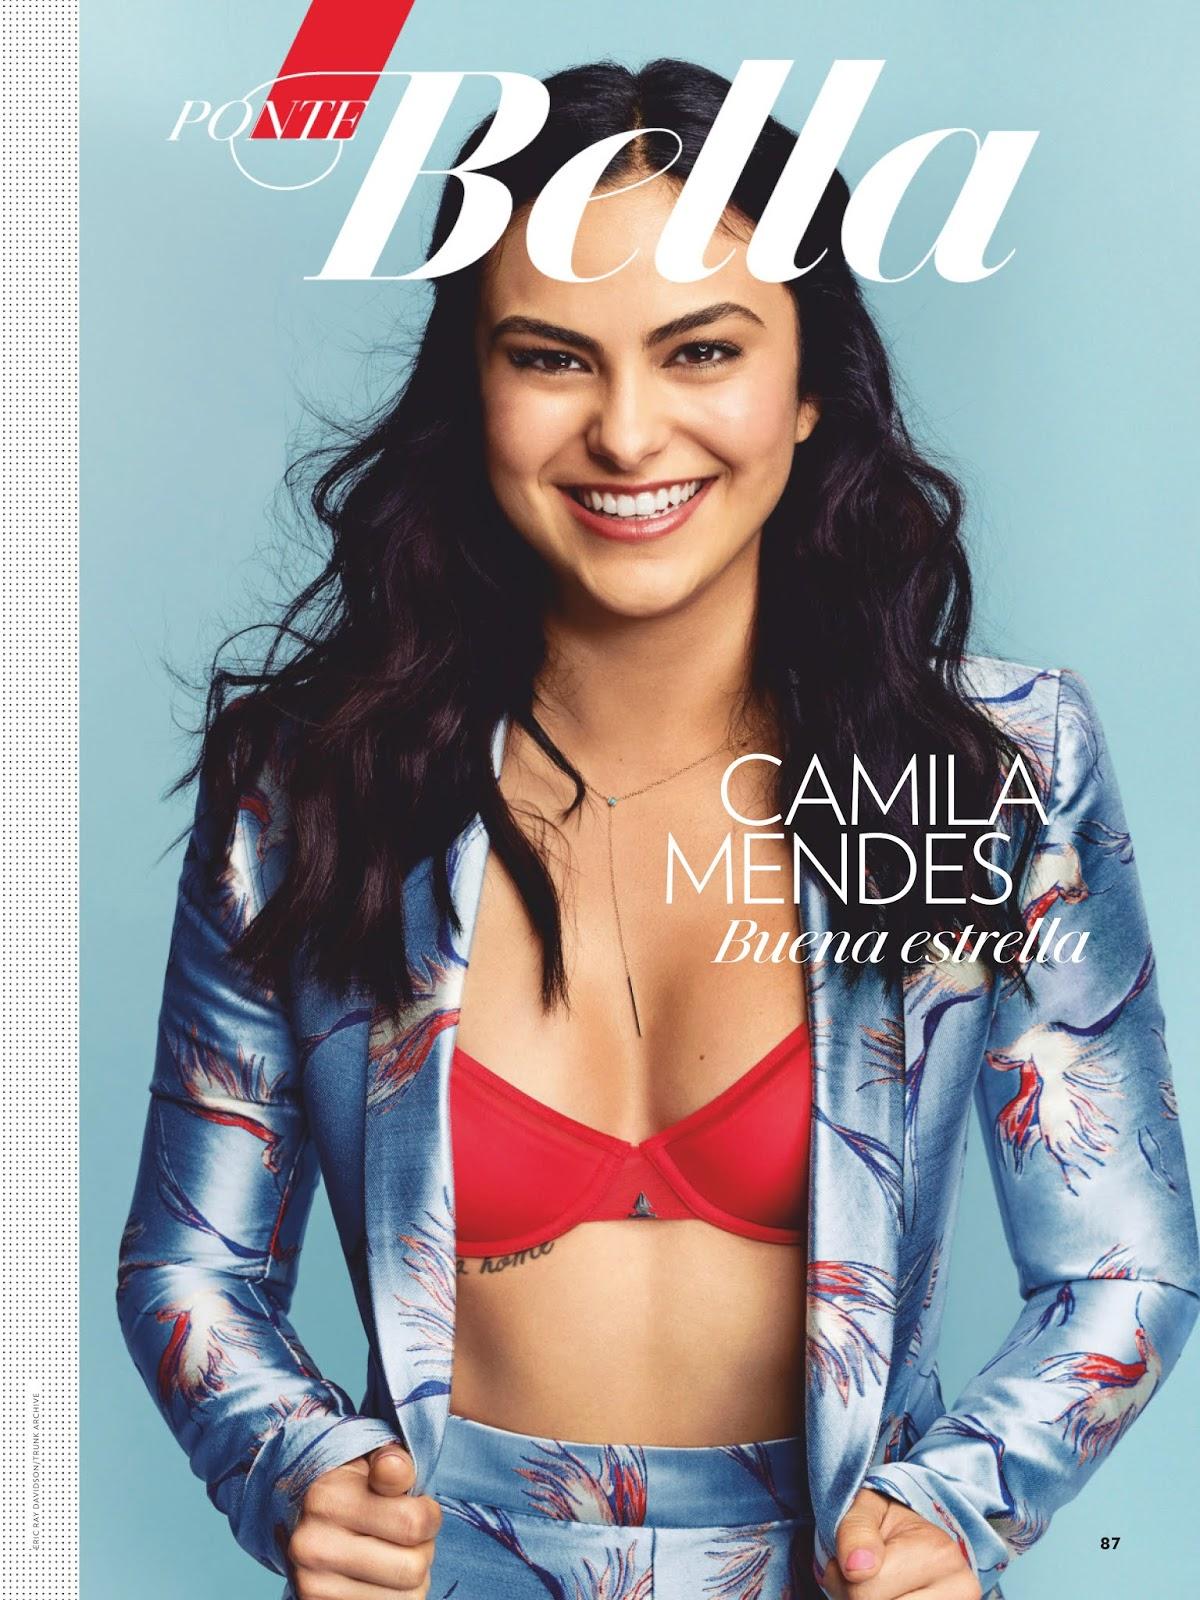 Camila Mendes - People en Espanol March 2019